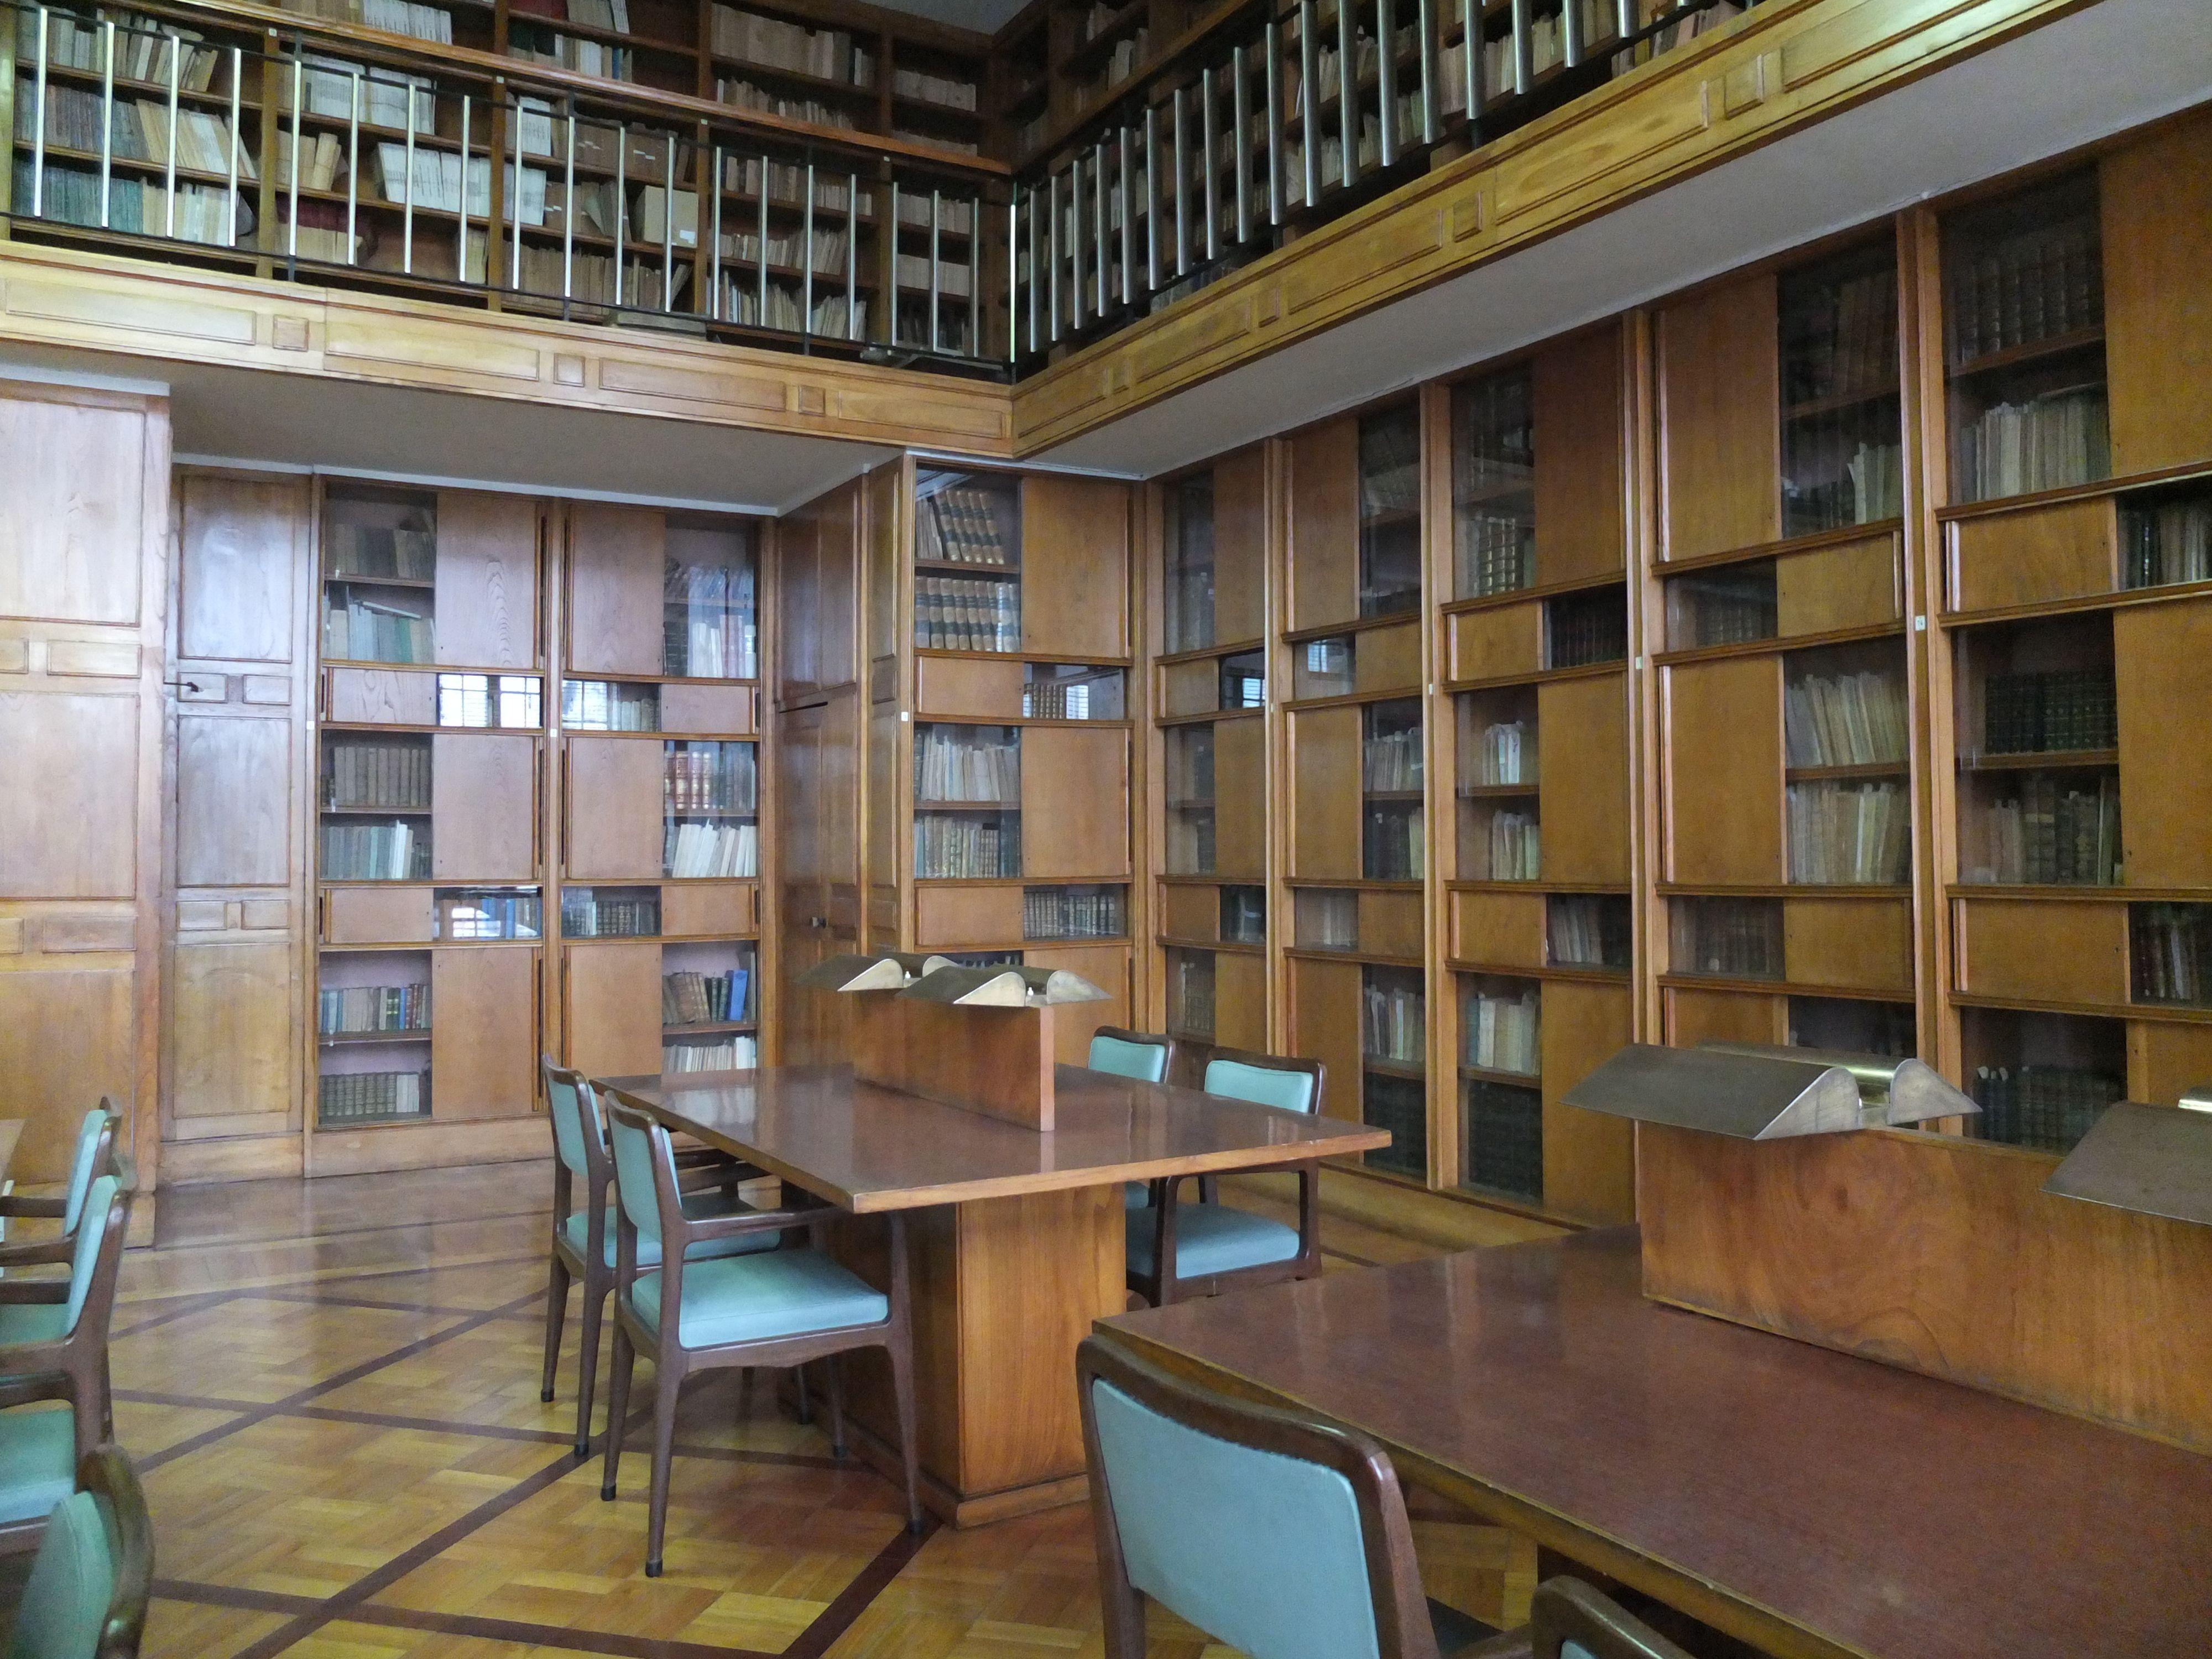 Guimaraes. Biblioteca Histórica